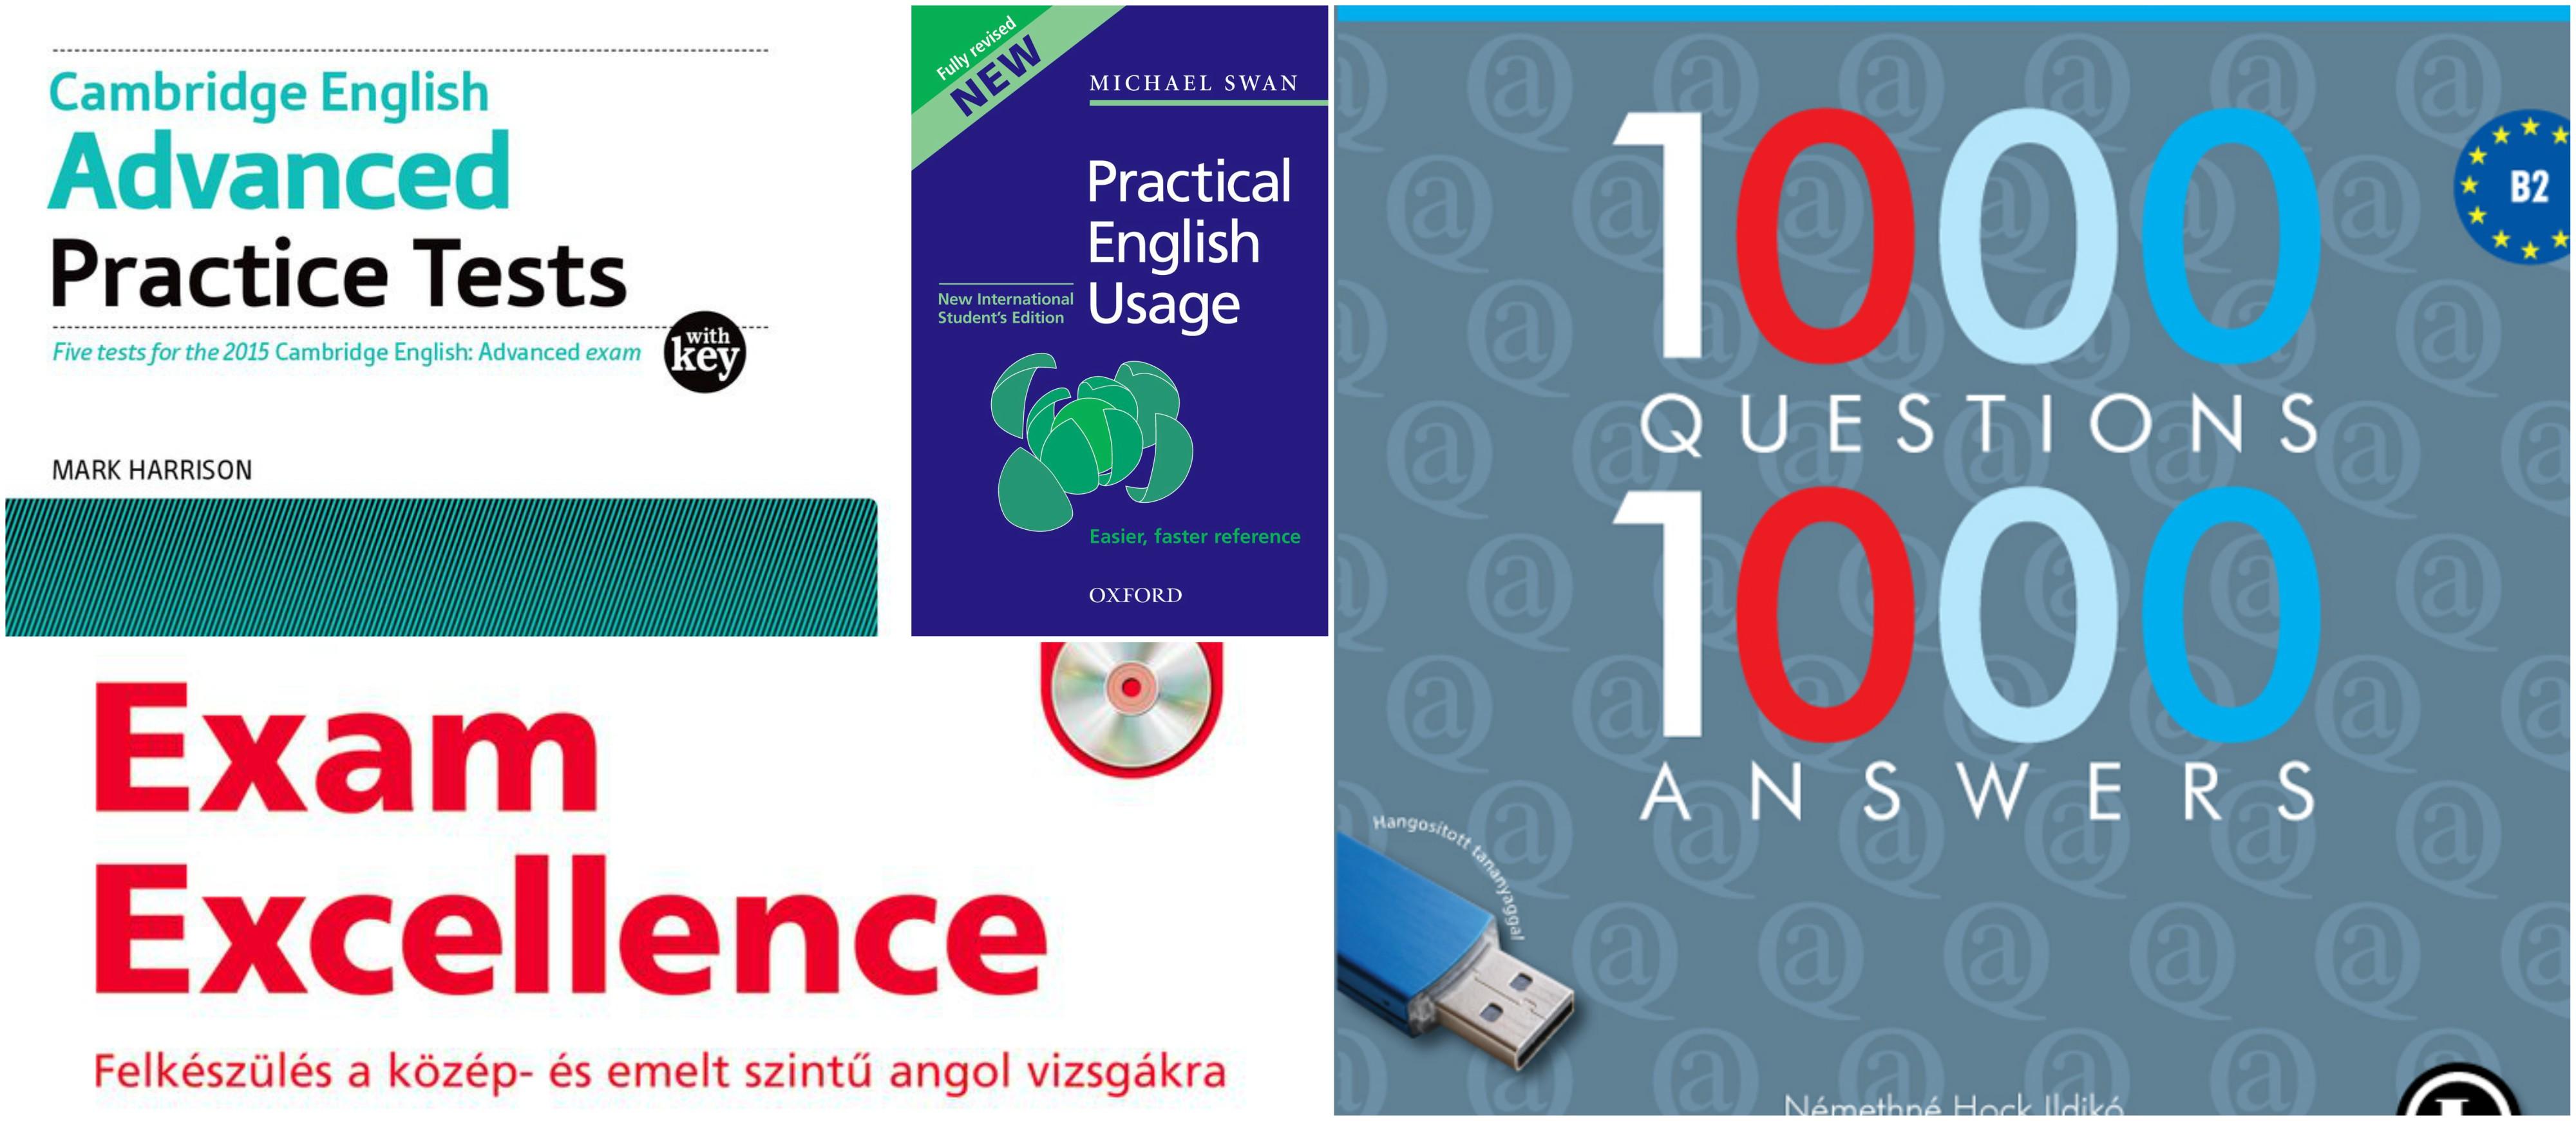 Kiadványok angol érettségihez és nyelvvizsgához. - Bookshop - idegen ... 6de880db94